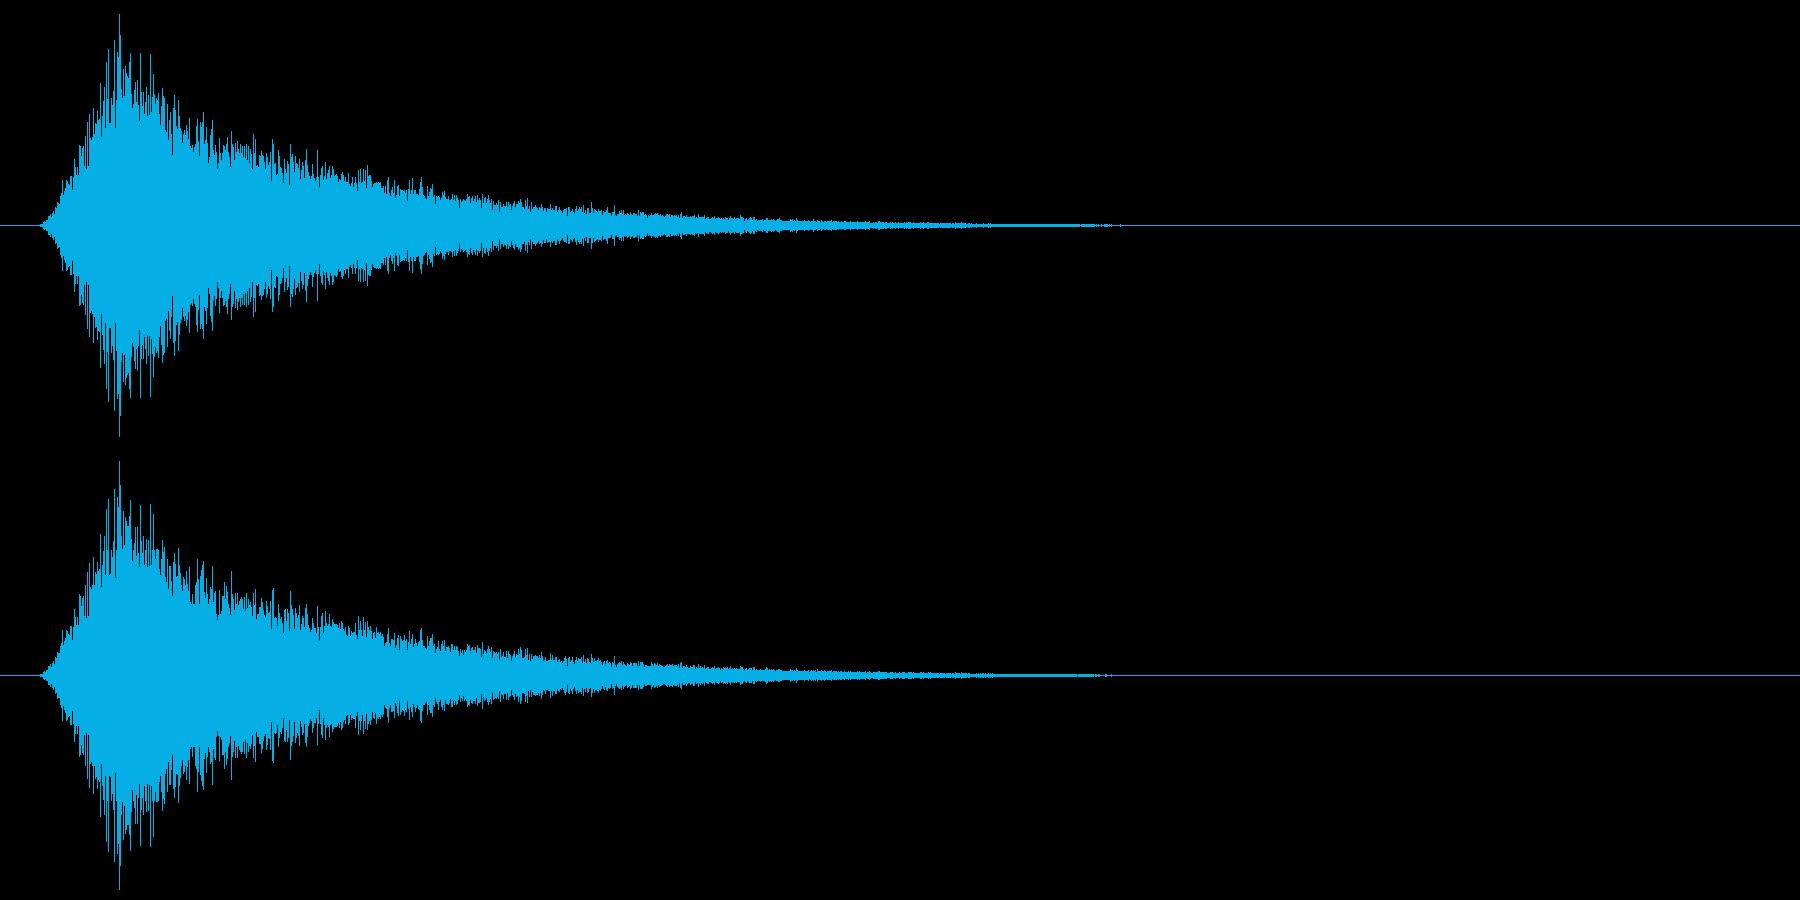 カットイン/シュー/場面転換の再生済みの波形